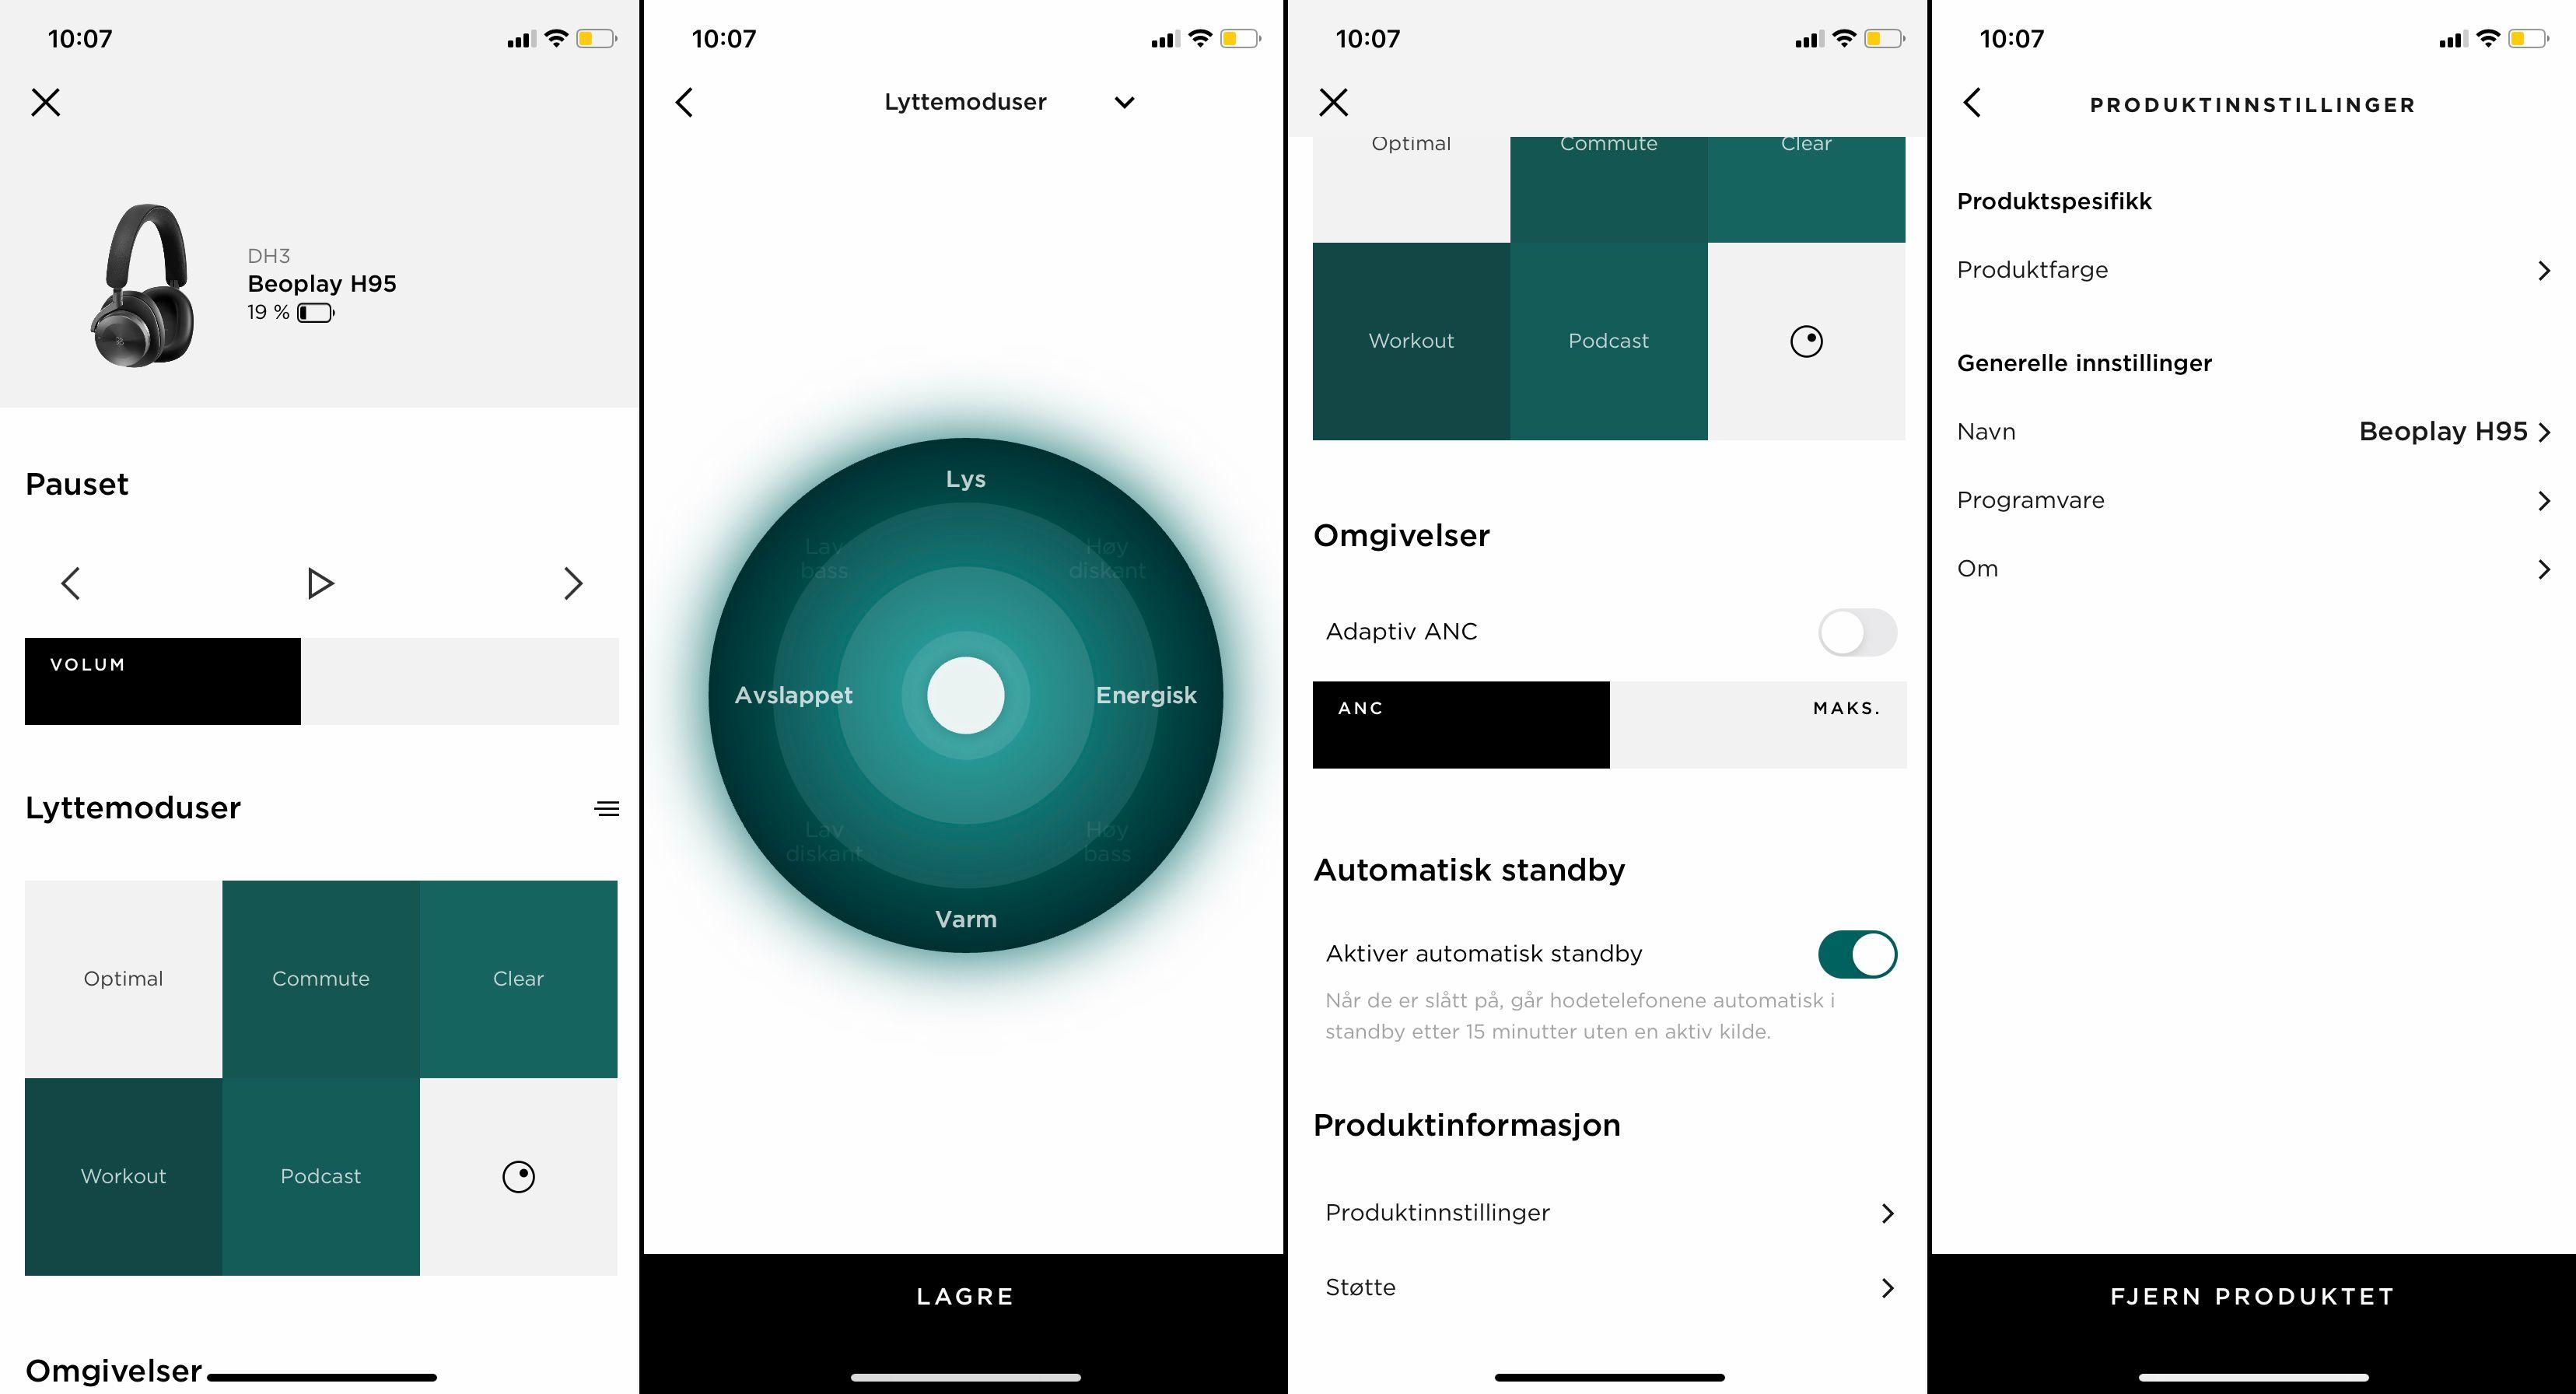 Bang & Olufsen-appen viser tydelig at det ikke er all verdens av funksjonalitet å hente i H95. Den er i det minste veldig enkel å bruke.